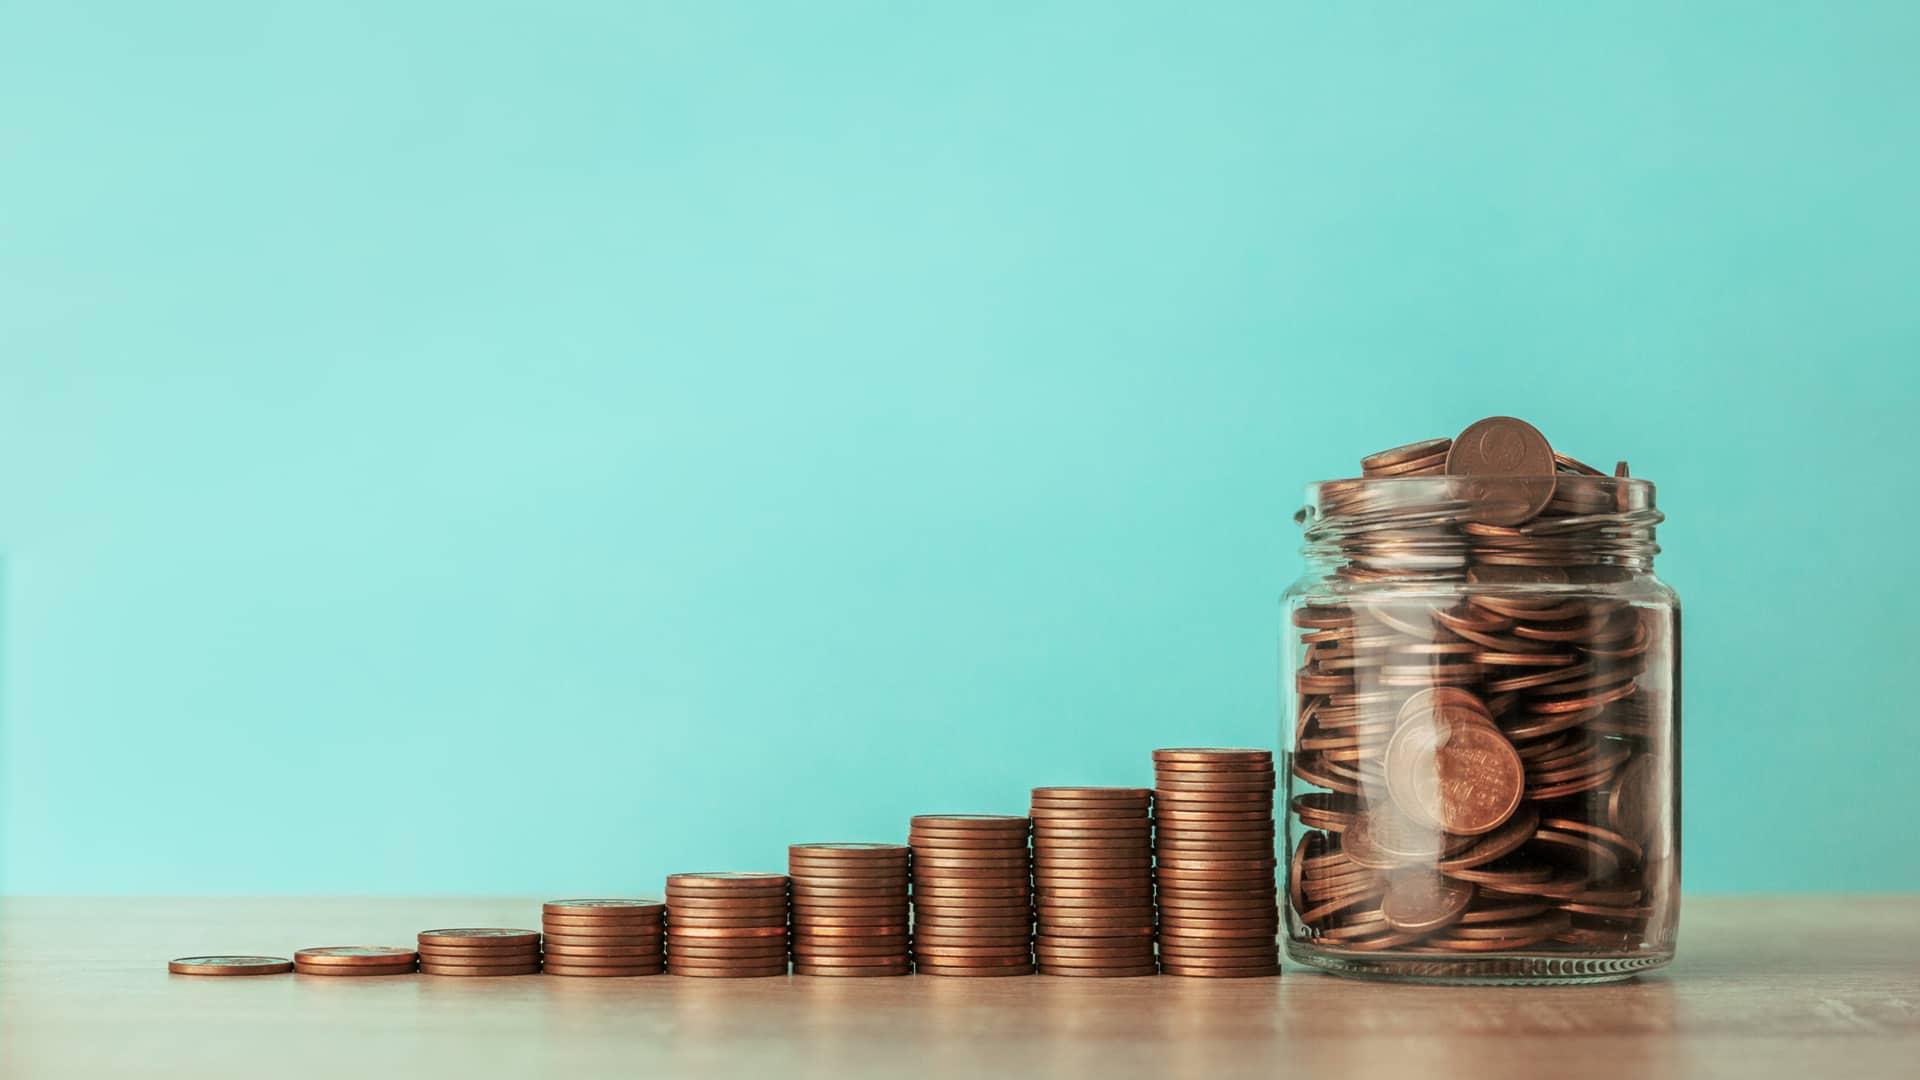 Fiscalidad y tributación del impuesto de dividendos en la renta